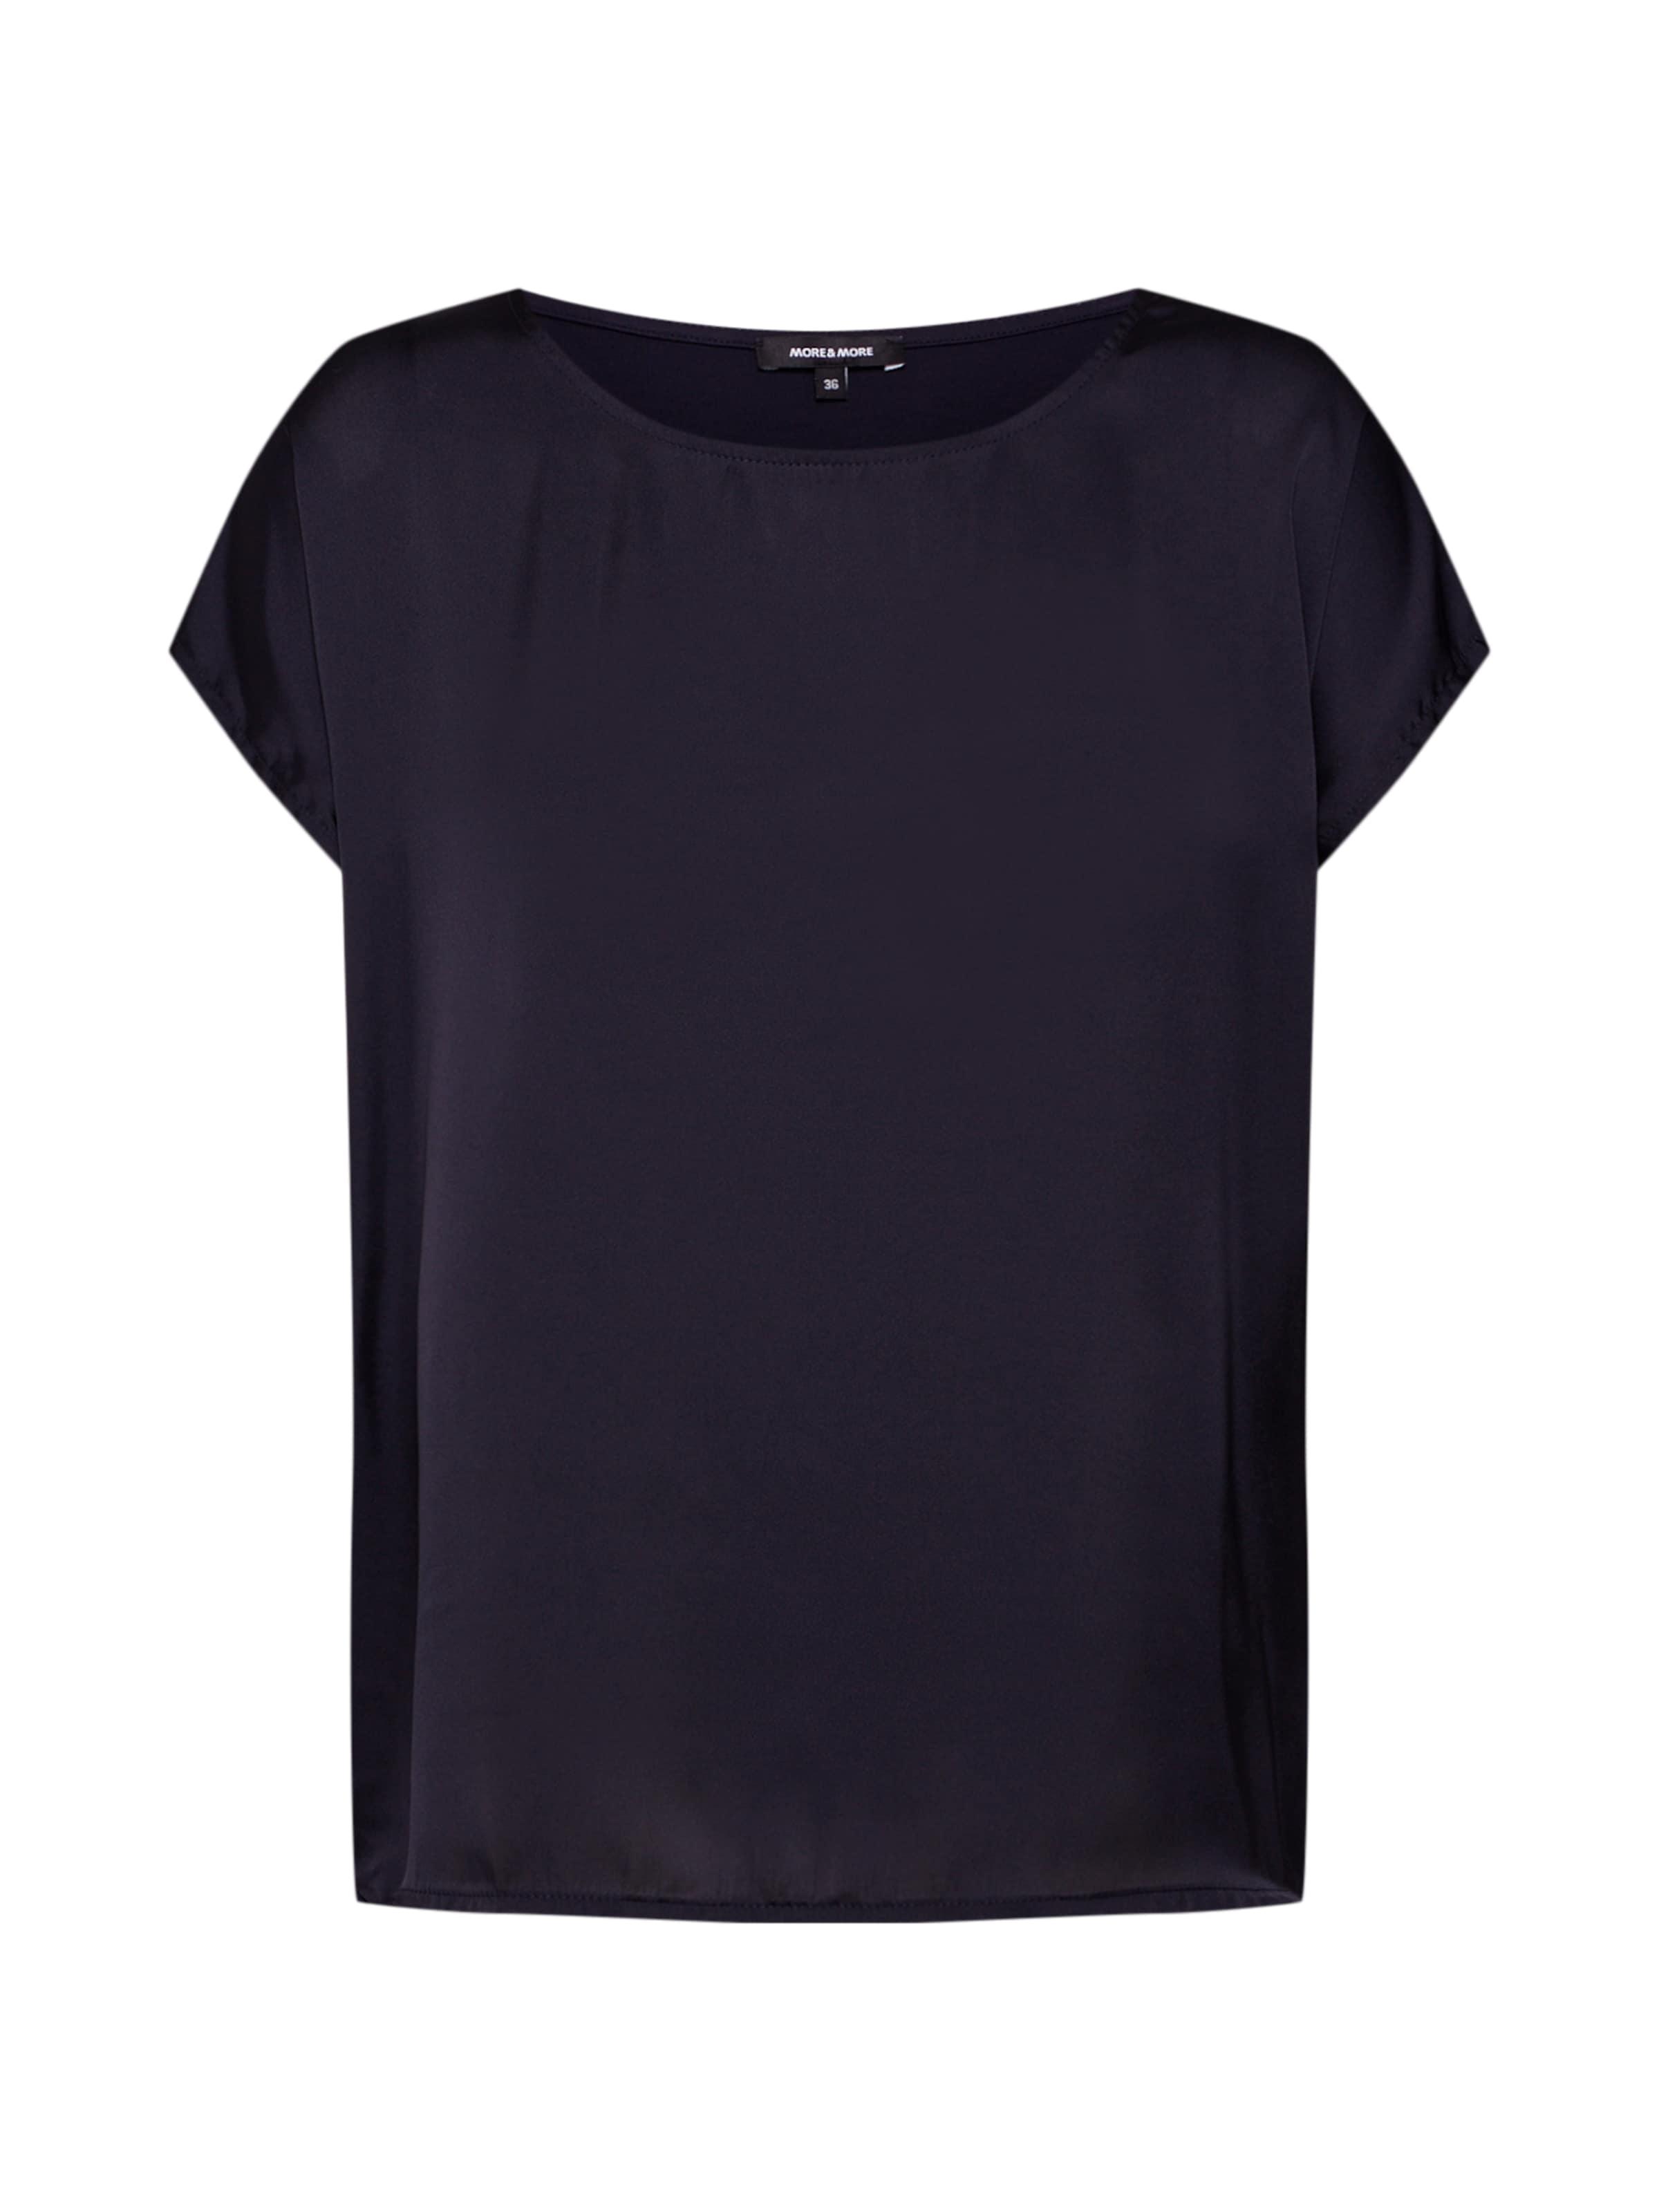 Moreamp; Marine Shirt Shirt Shirt In In Moreamp; Moreamp; In Marine Marine Moreamp; In Shirt PiXuOkTZw